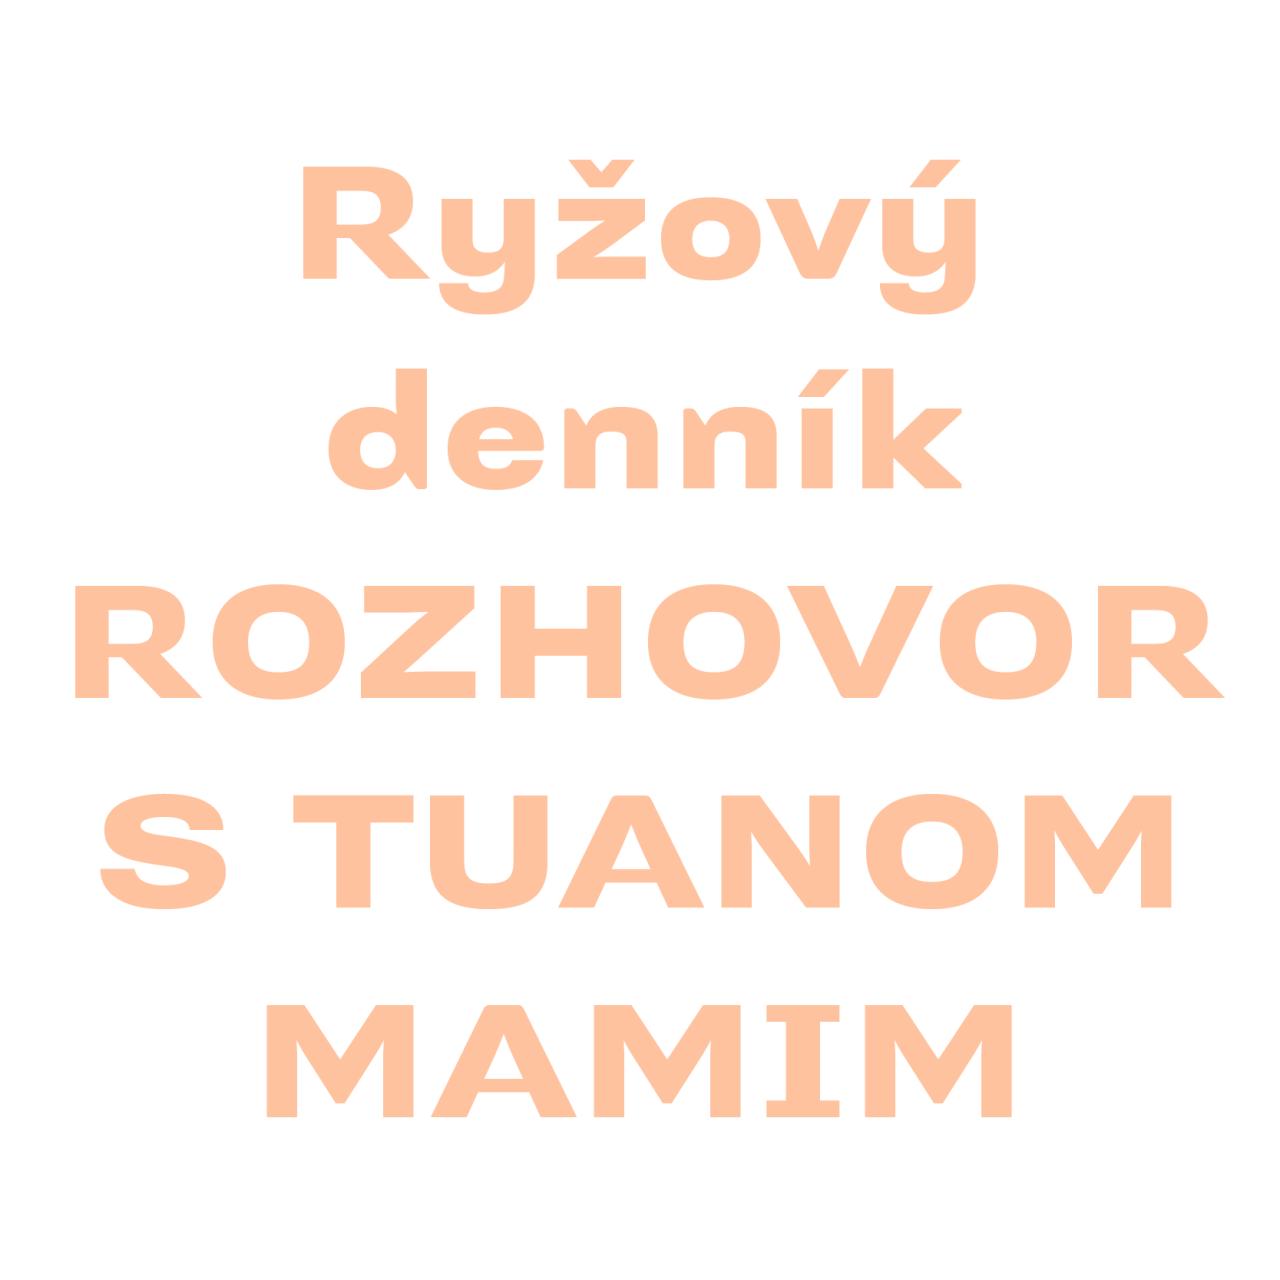 Ryžový denník. Rozhovor s Tuanom Mamim